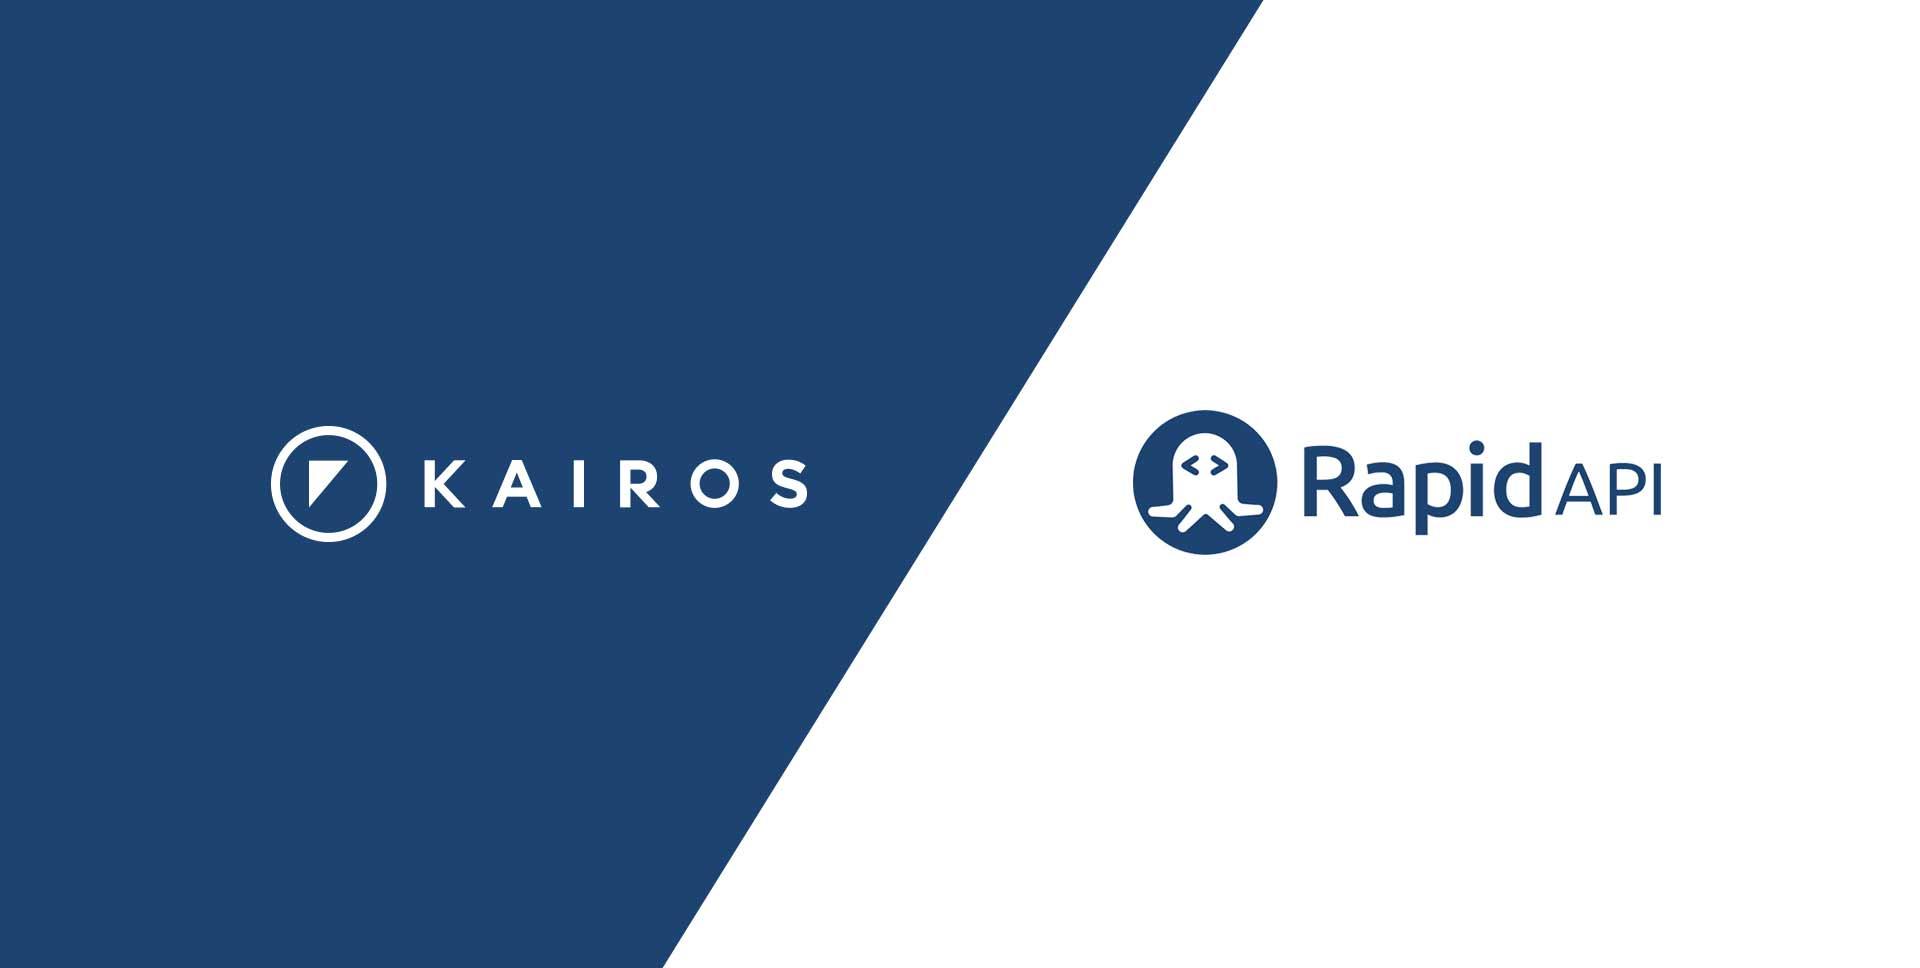 Kairos Announces New Partnership With RapidAPI, Bringing Deep